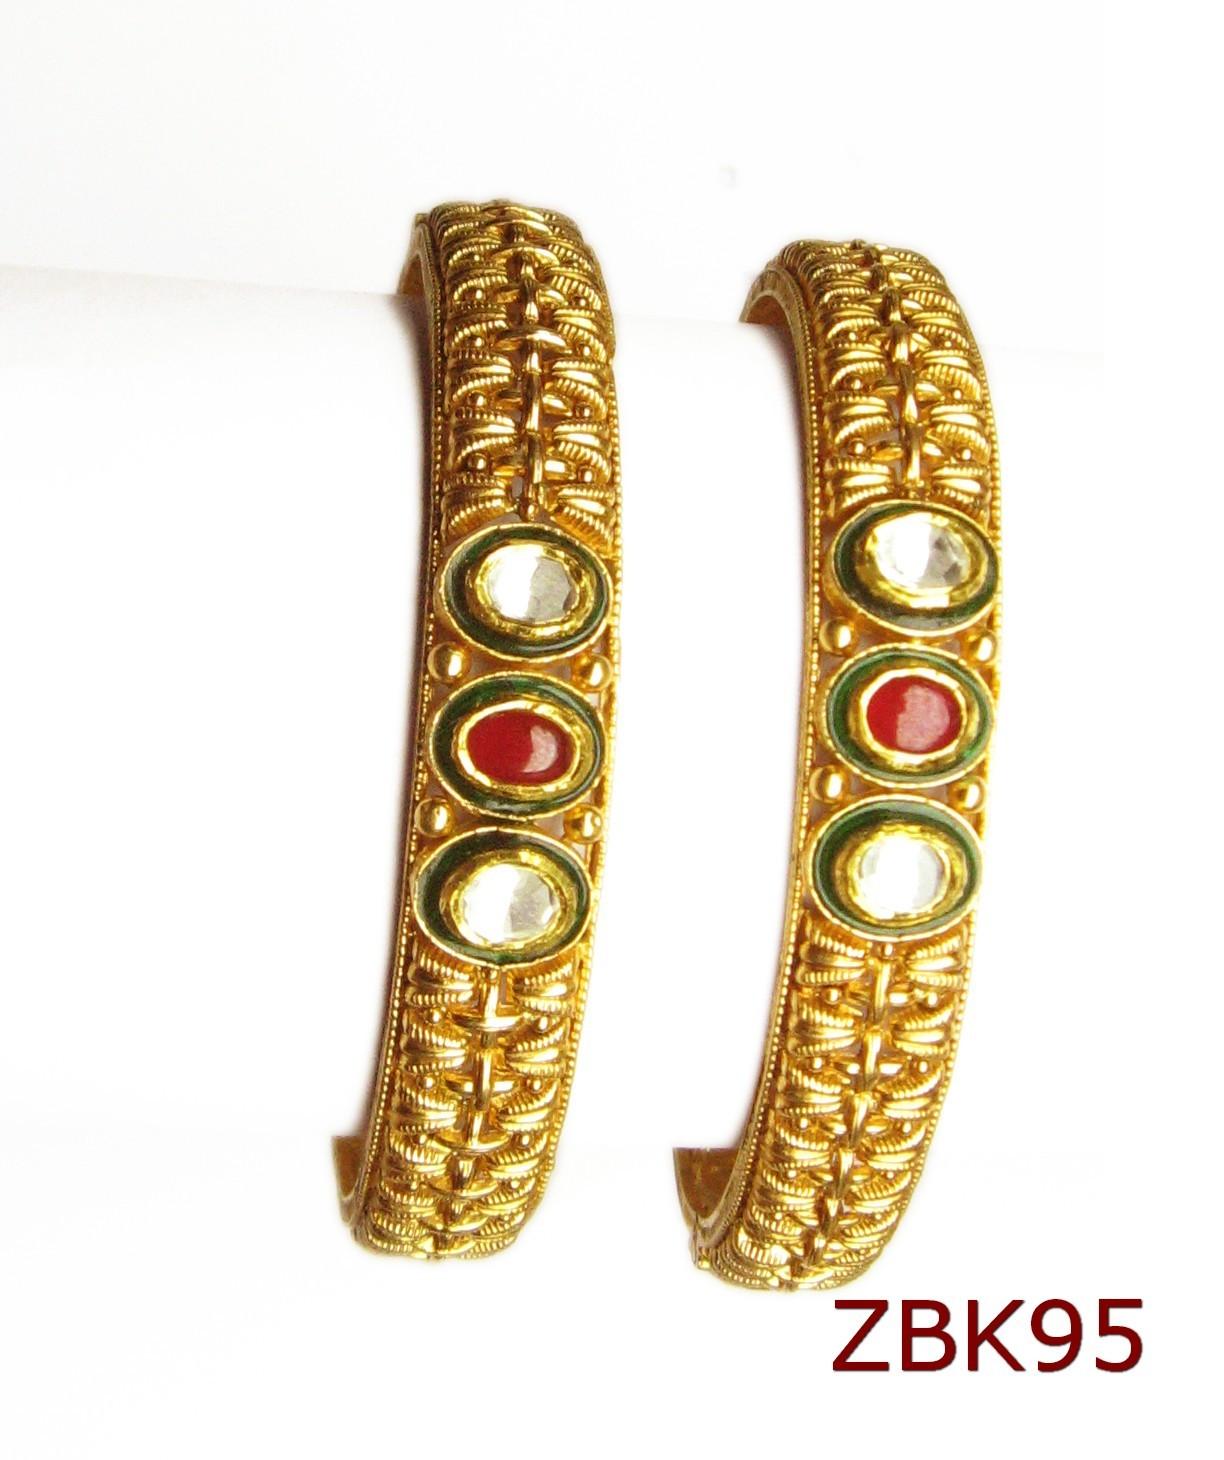 ZBK95